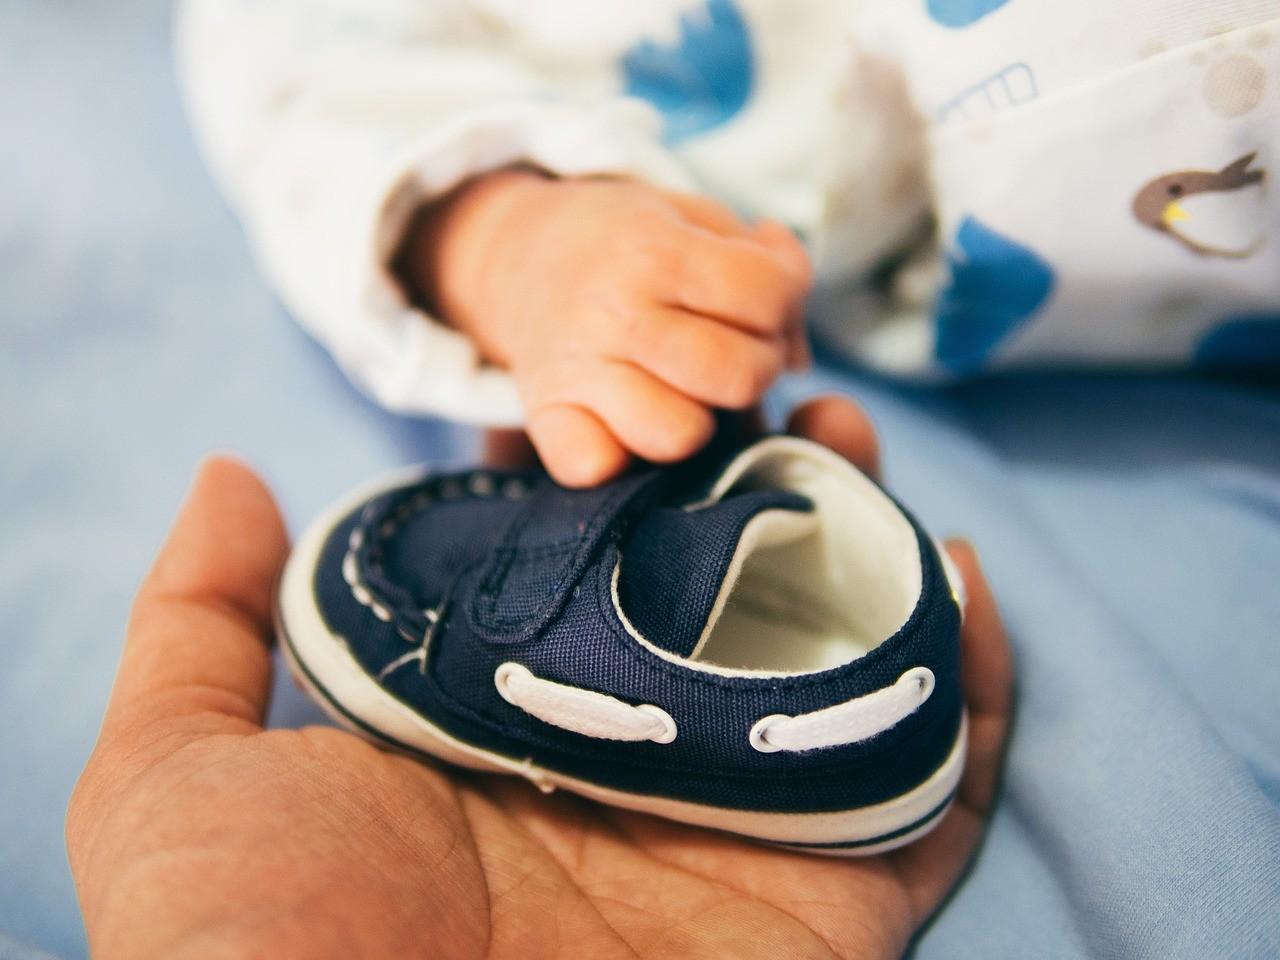 Lauflernschuhe unterstützen dein Kleinkind beim Laufen lernen. Sie unterstützen die Knöchel und schützen vor Verletzungen.